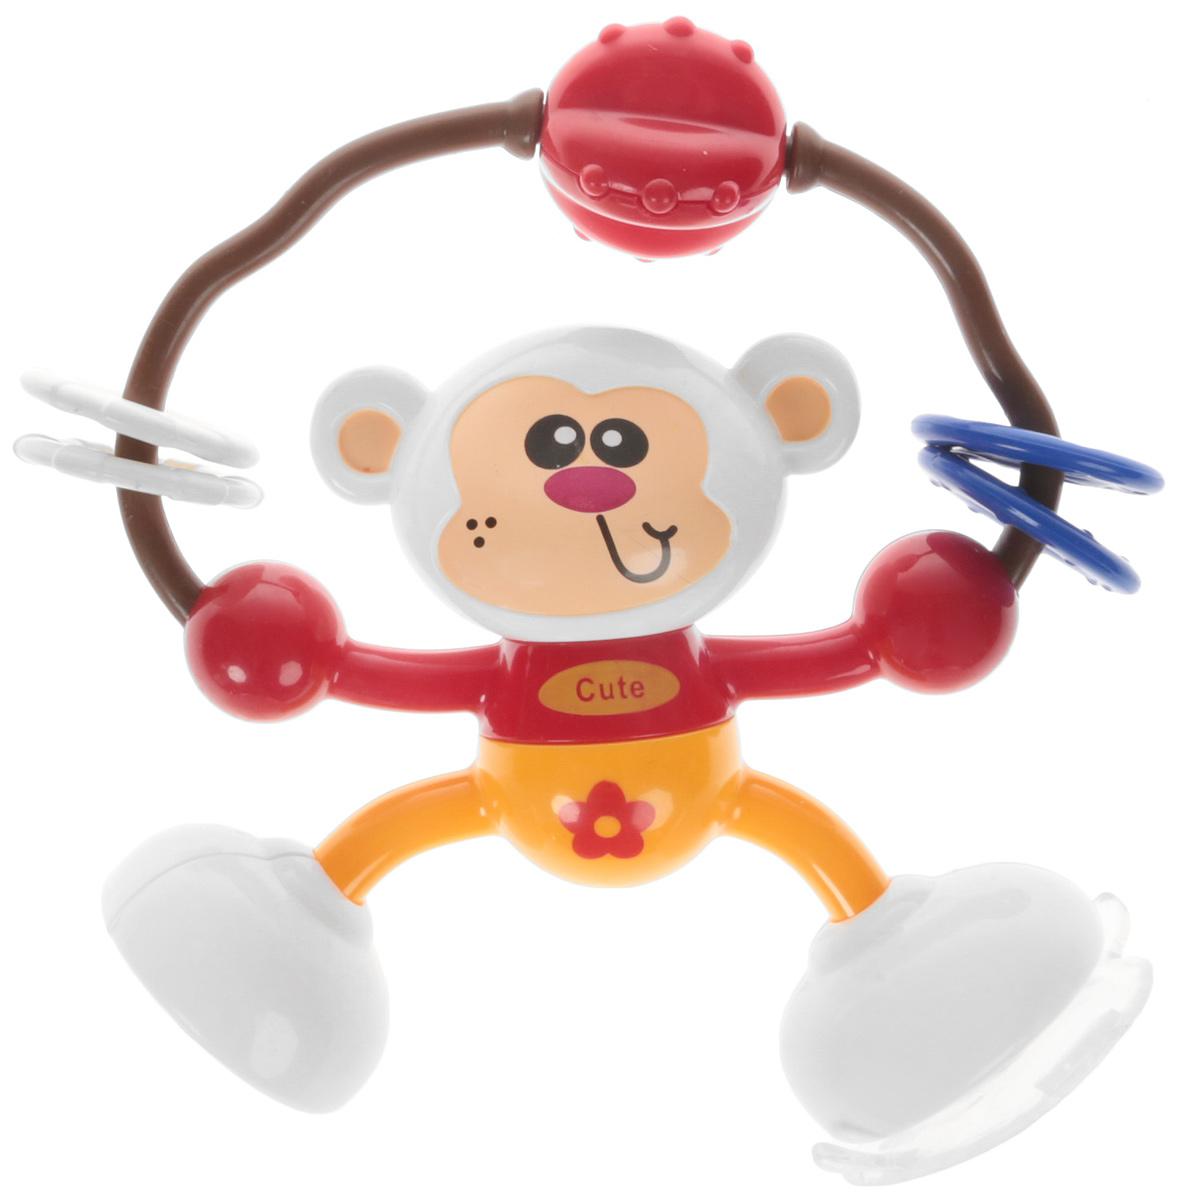 Ути-Пути Развивающая игрушка Обезьянка цвет красный оранжевый цена и фото